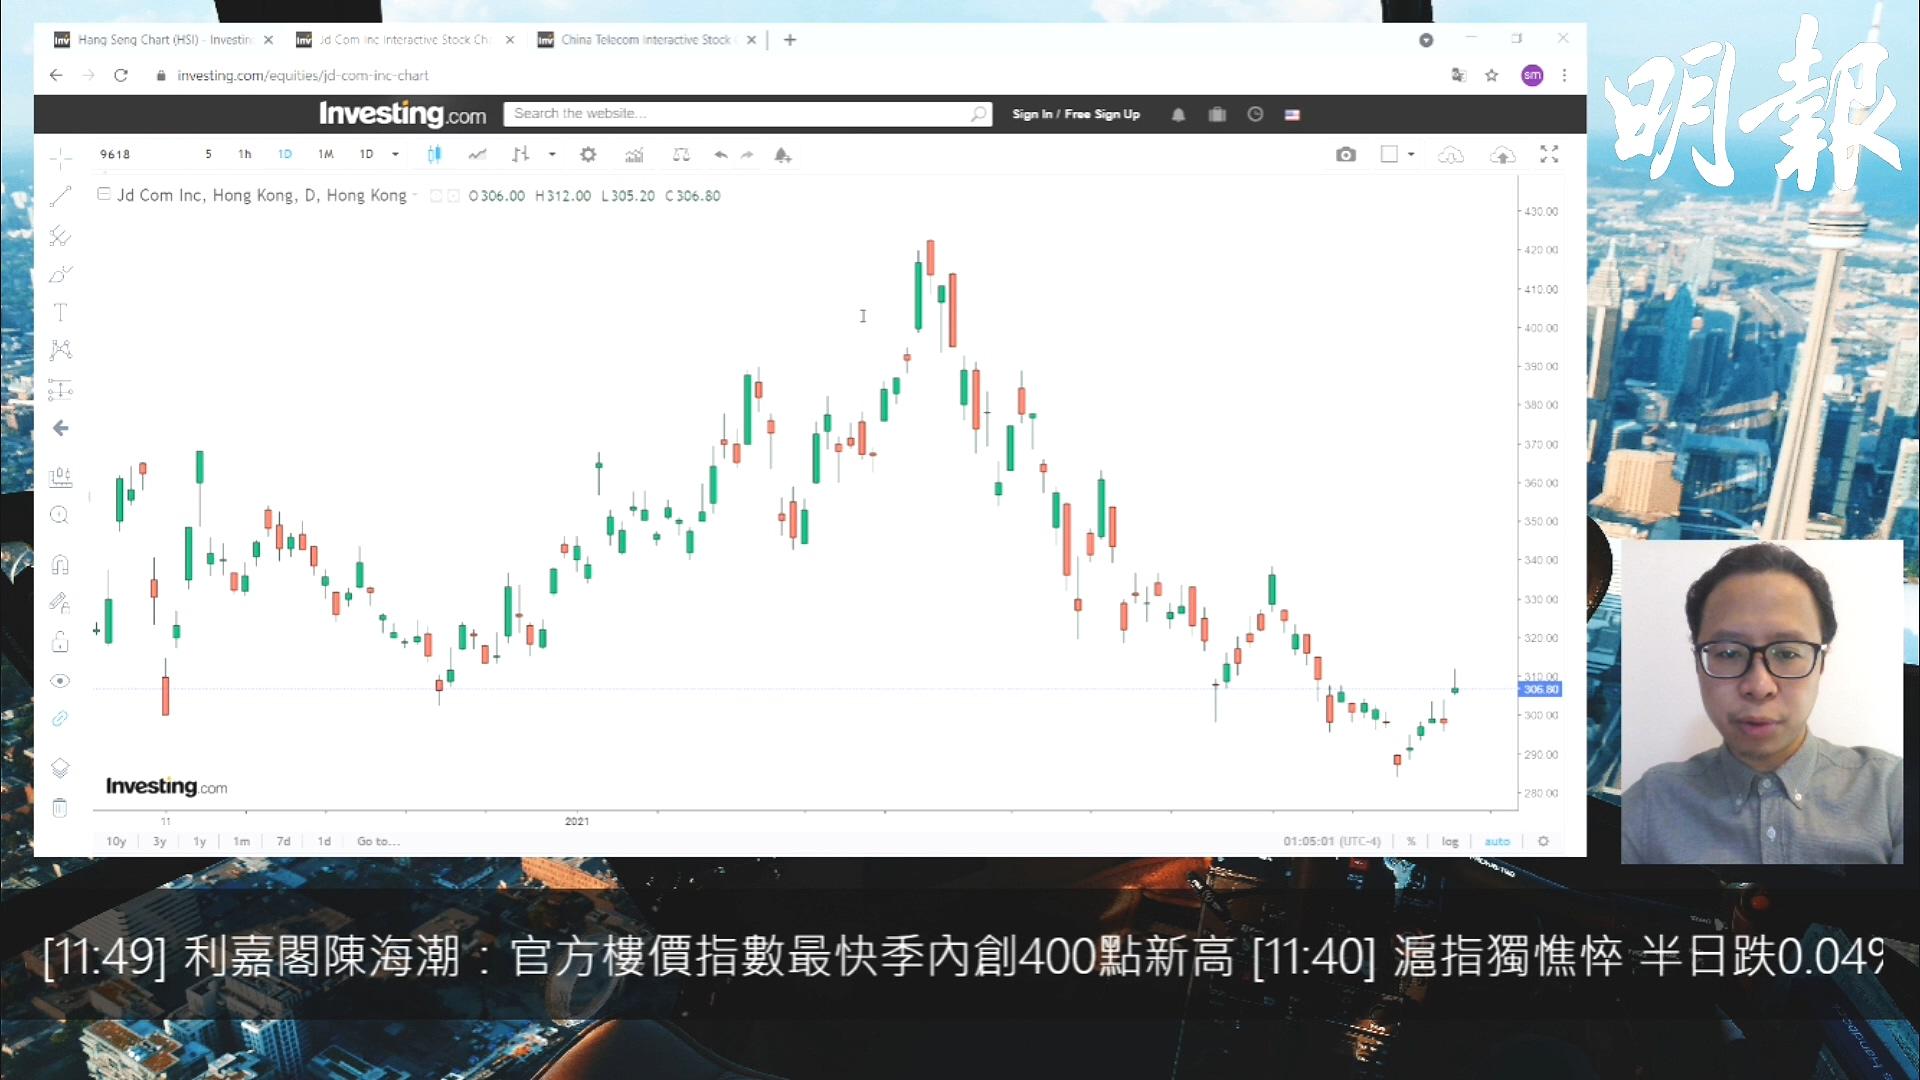 【有片:選股王】恒指高開後向下  中電信業績好過市場預期